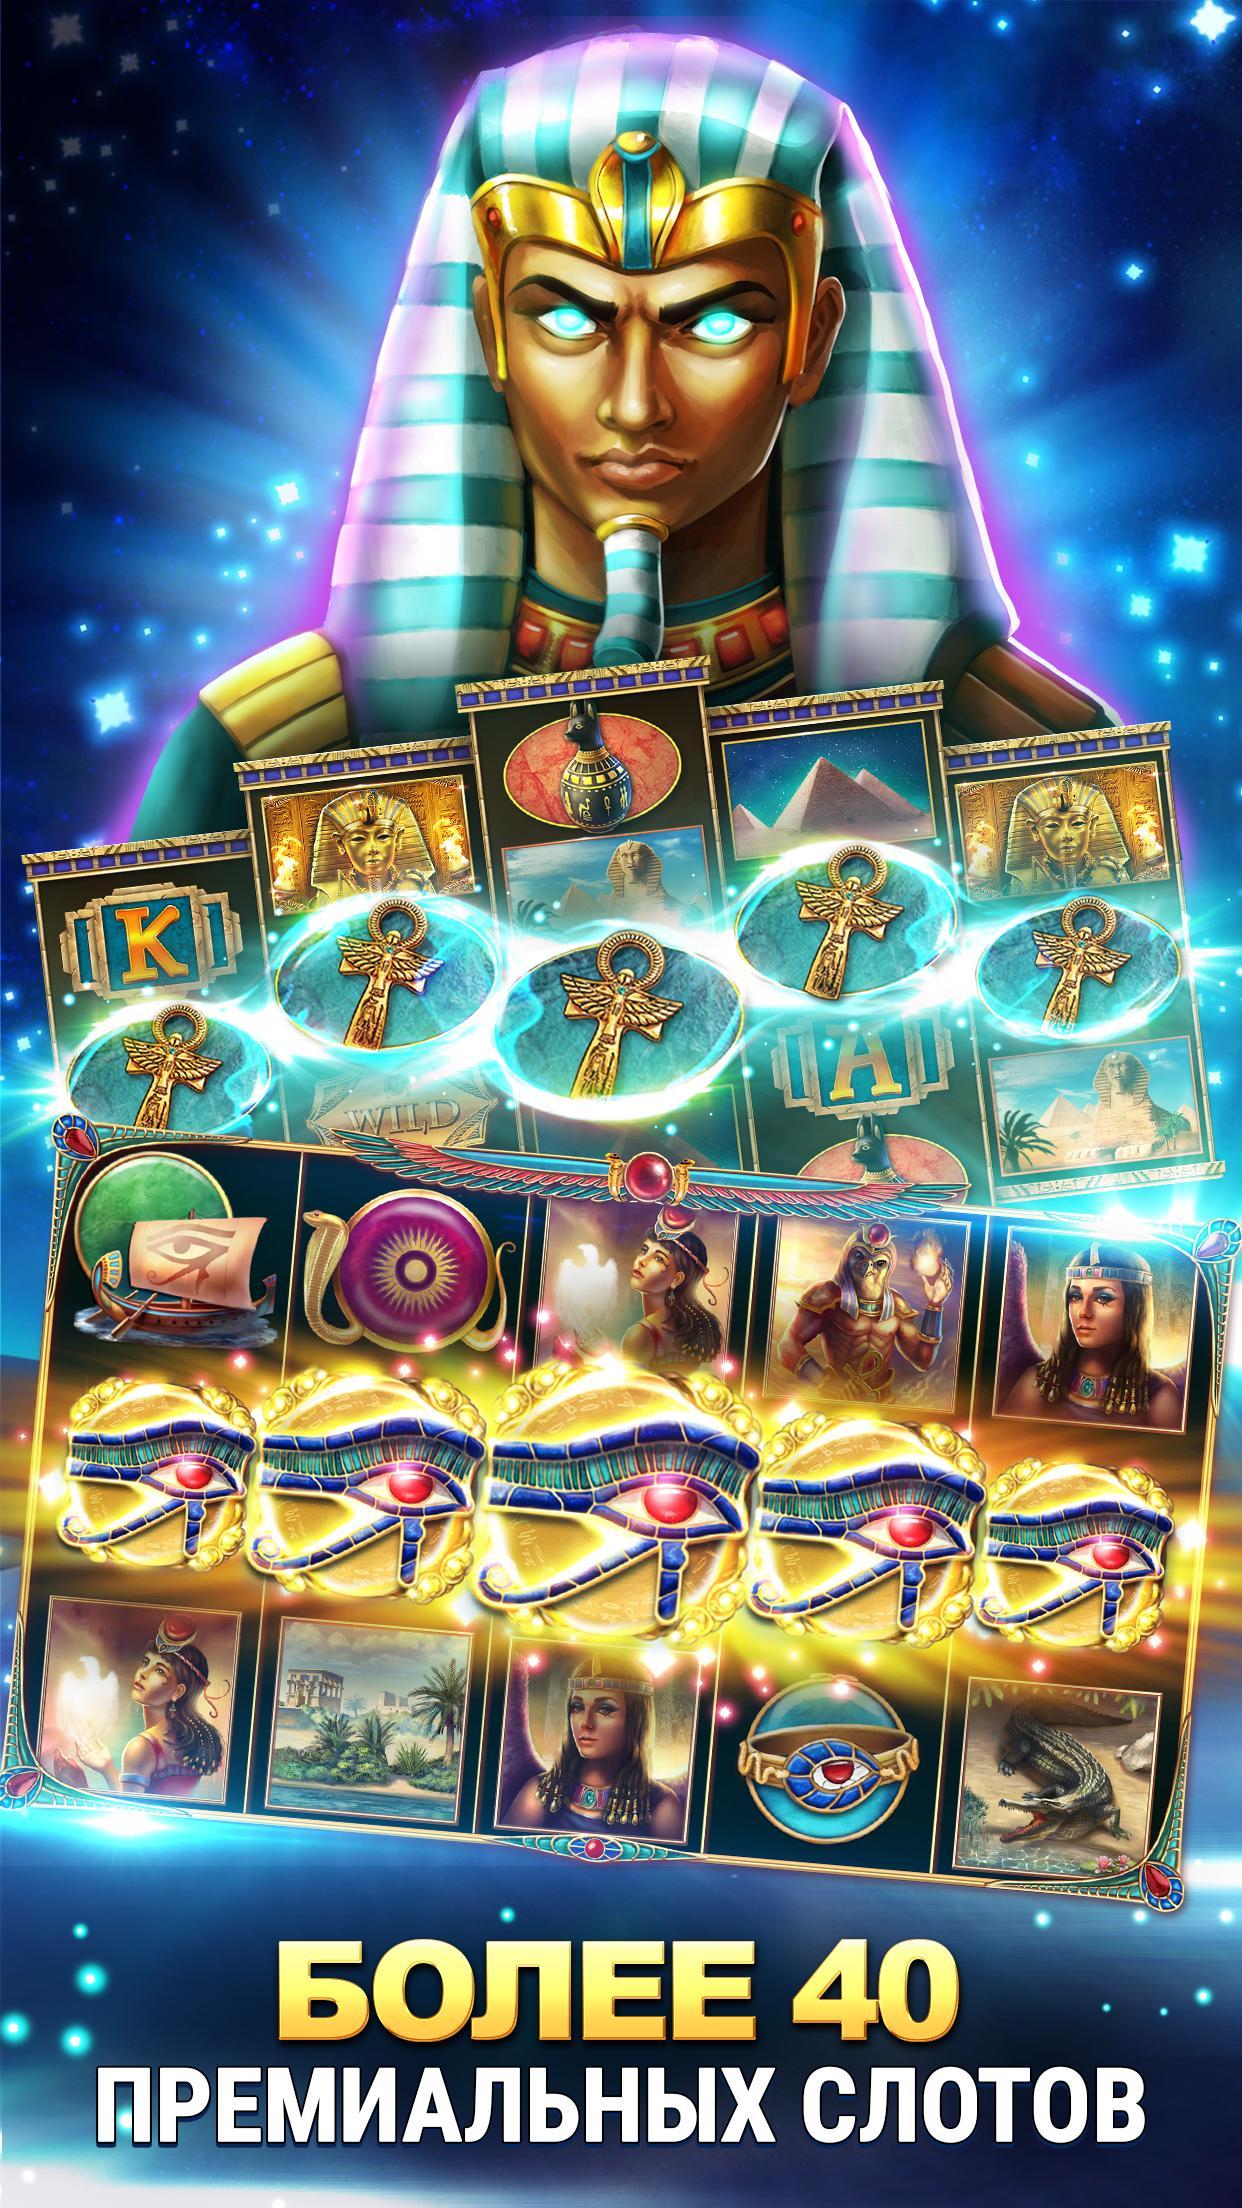 Казино фараон приложение играть в козла онлайн не карты